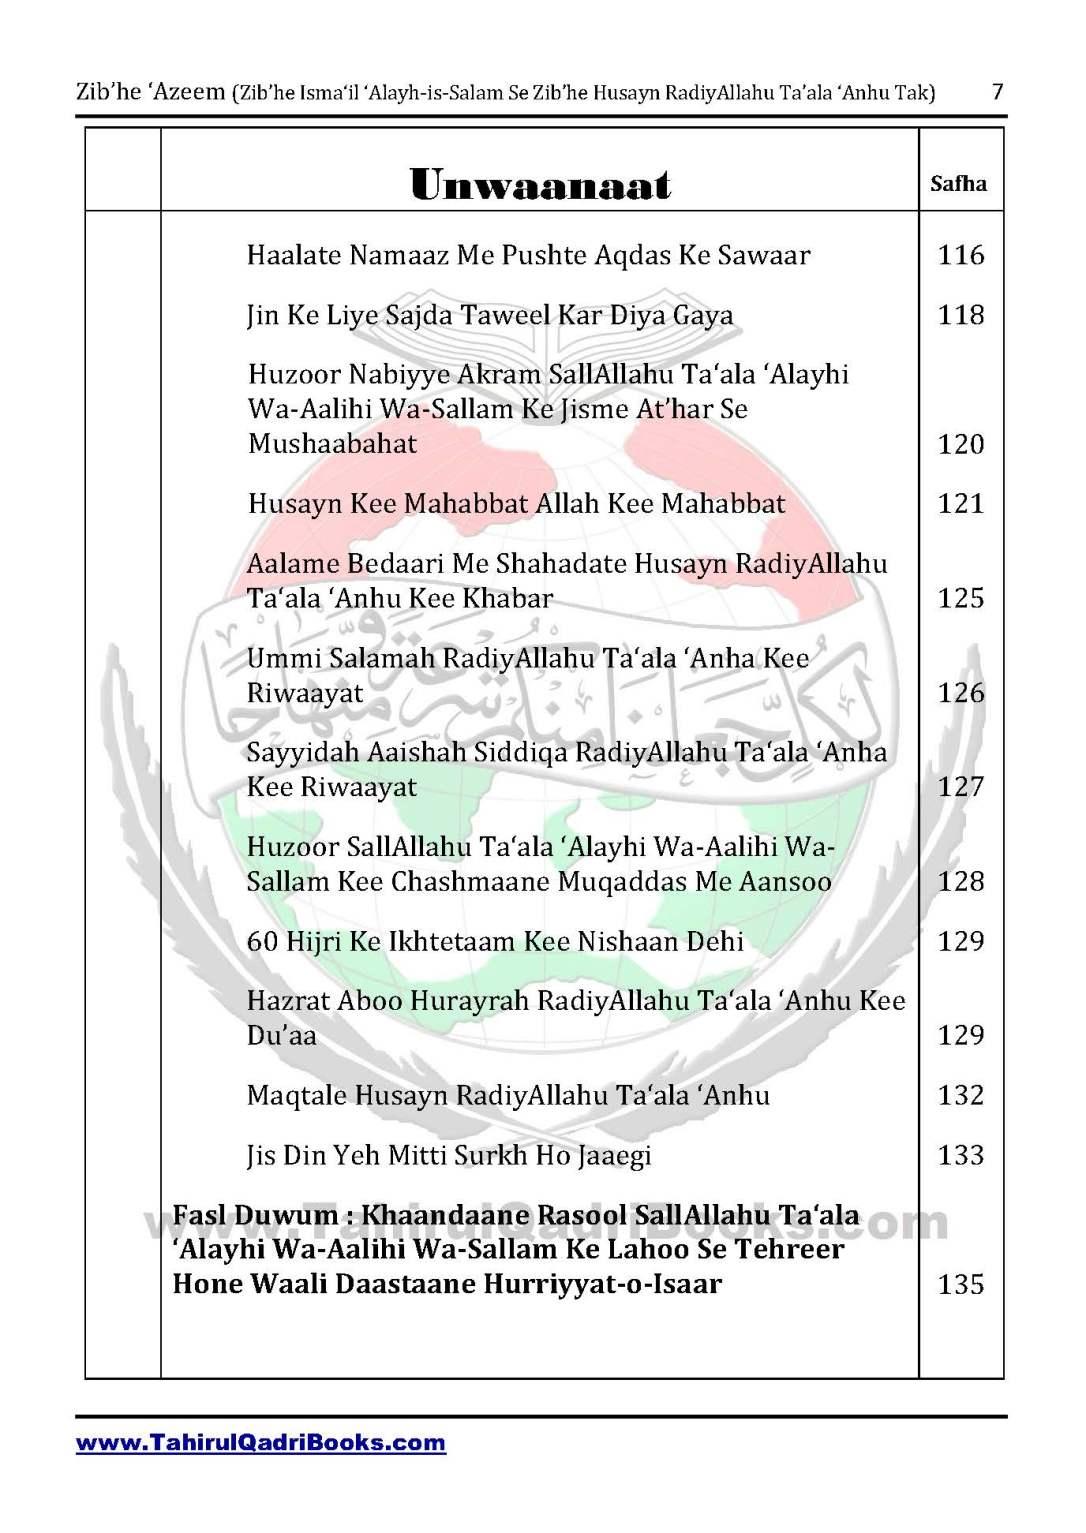 zib_he-e28098azeem-zib_he-ismacabbil-se-zib_he-husayn-tak-in-roman-urdu-unlocked_Page_007